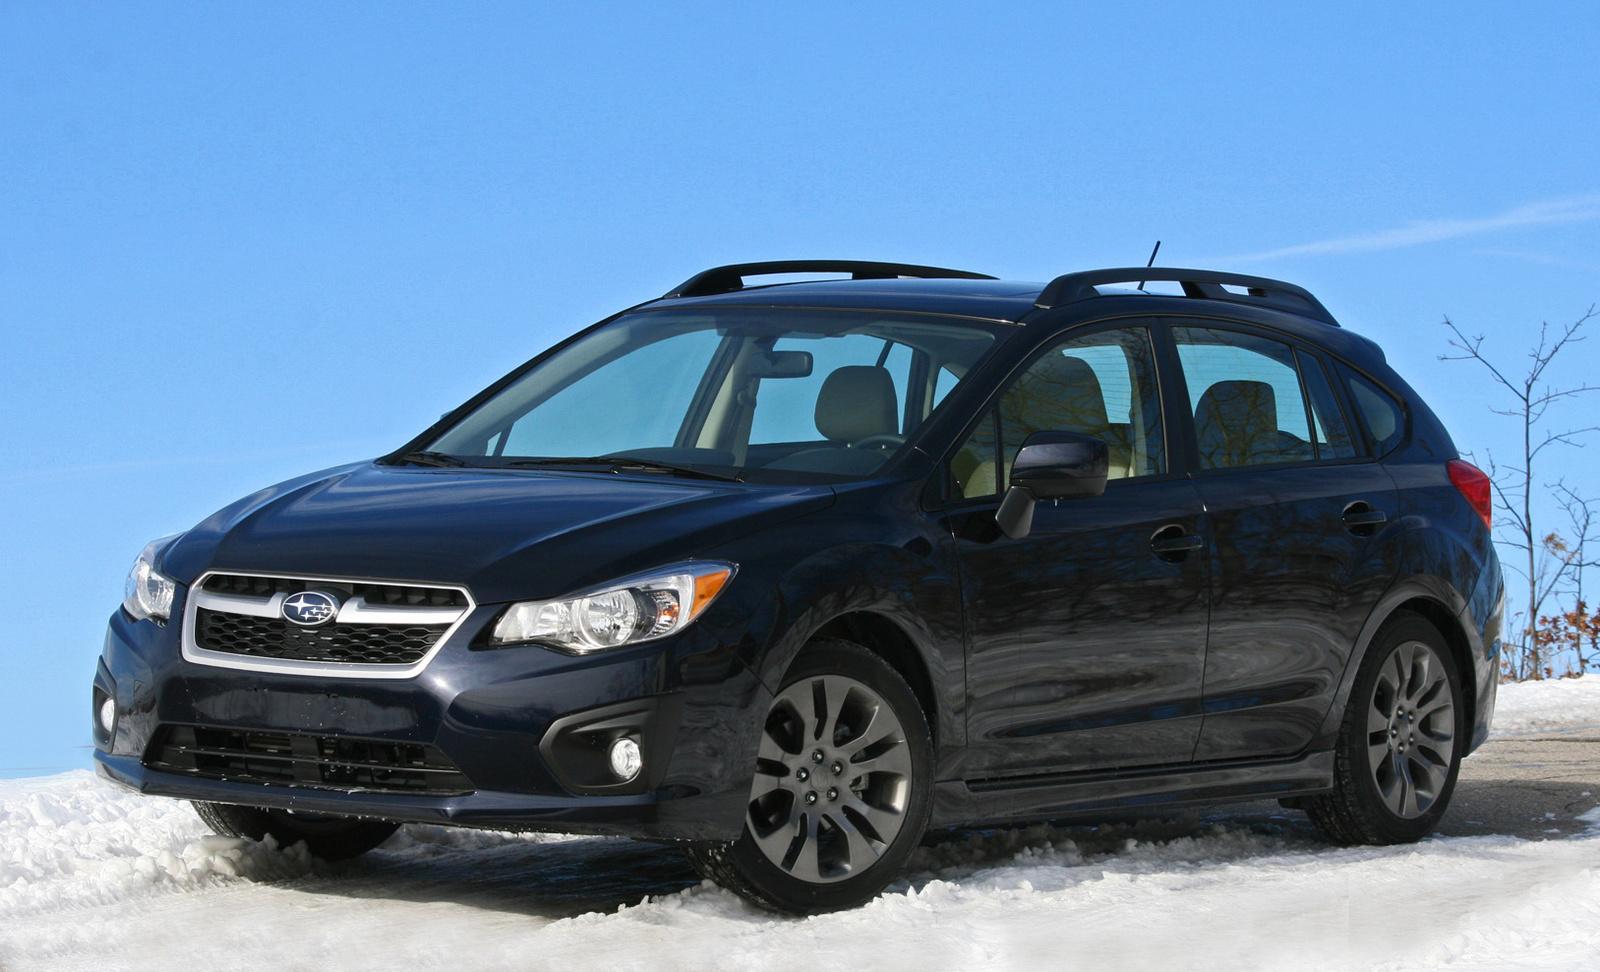 2014 Subaru Impreza front